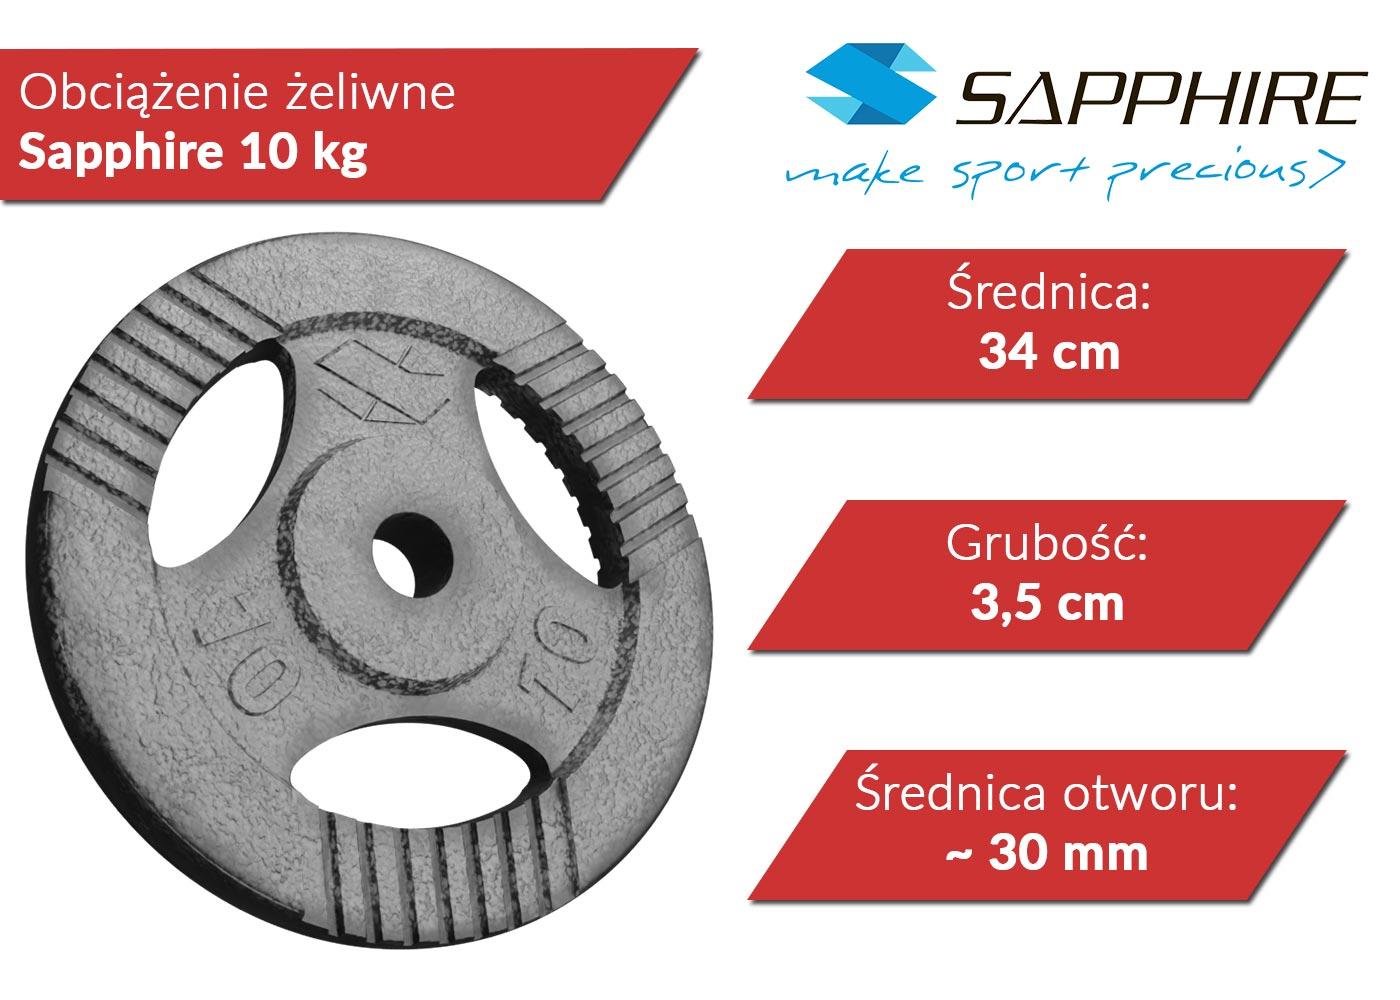 Obciążenie żeliwne Sapphire 10 kg